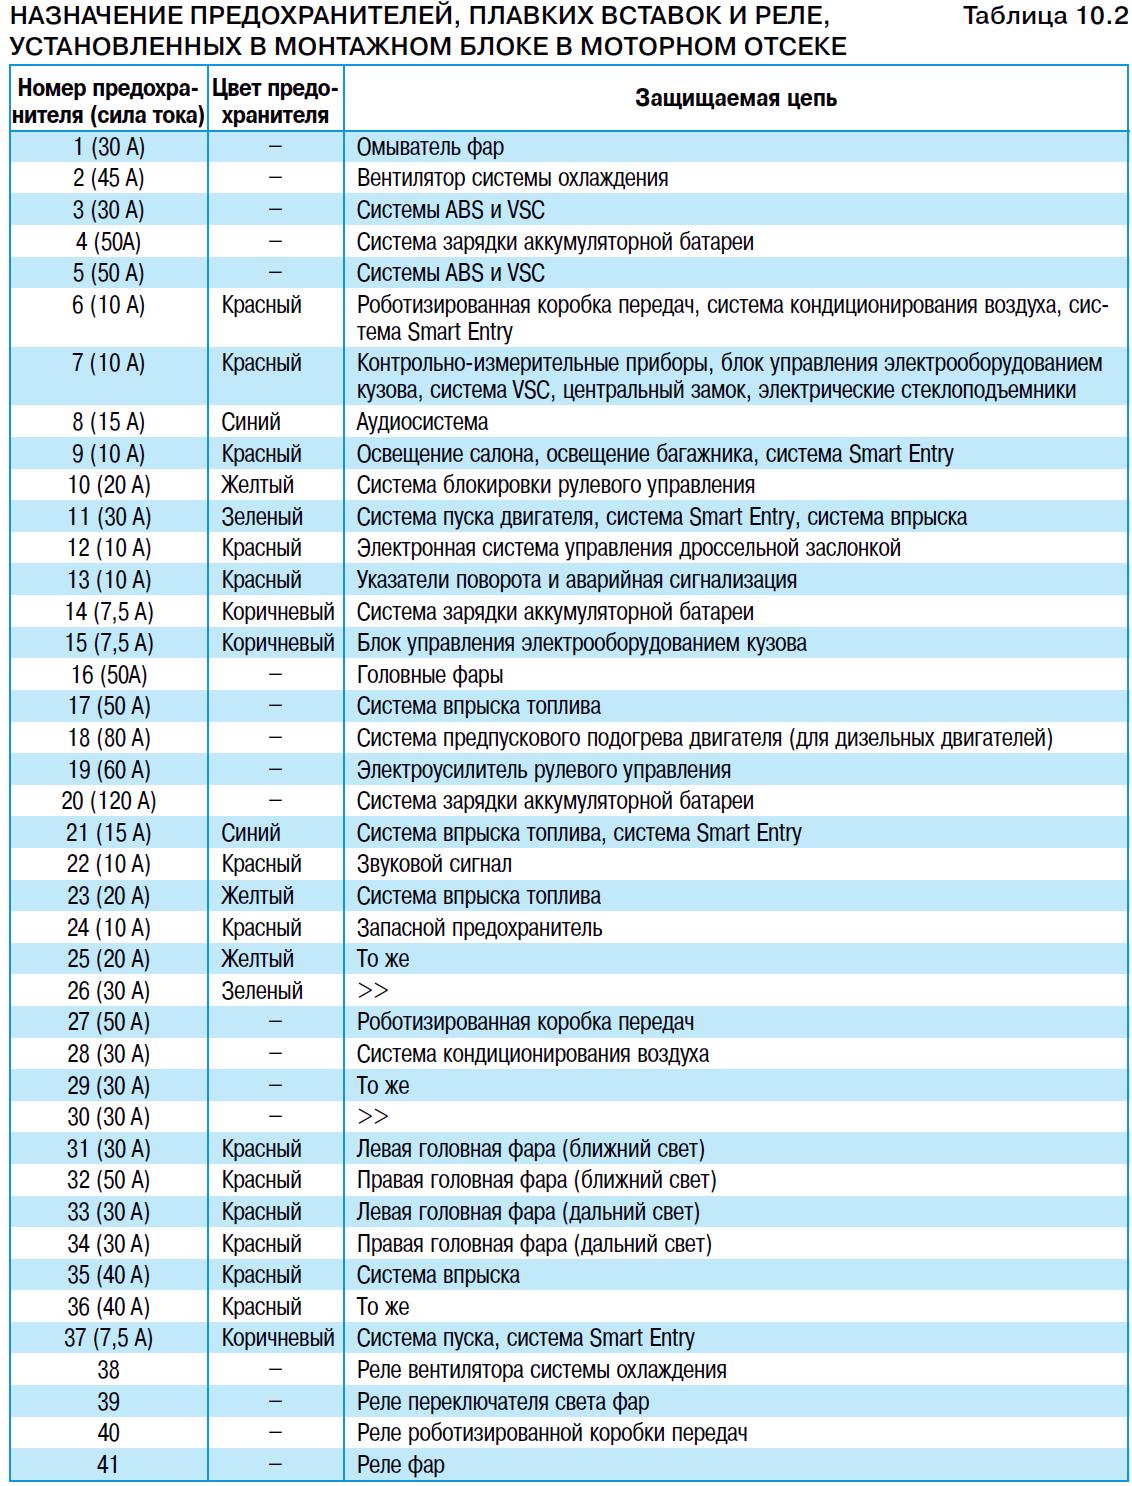 Расположение предохранителей, плавких вставок и реле и их замена Тойота Королла 10 Аурис